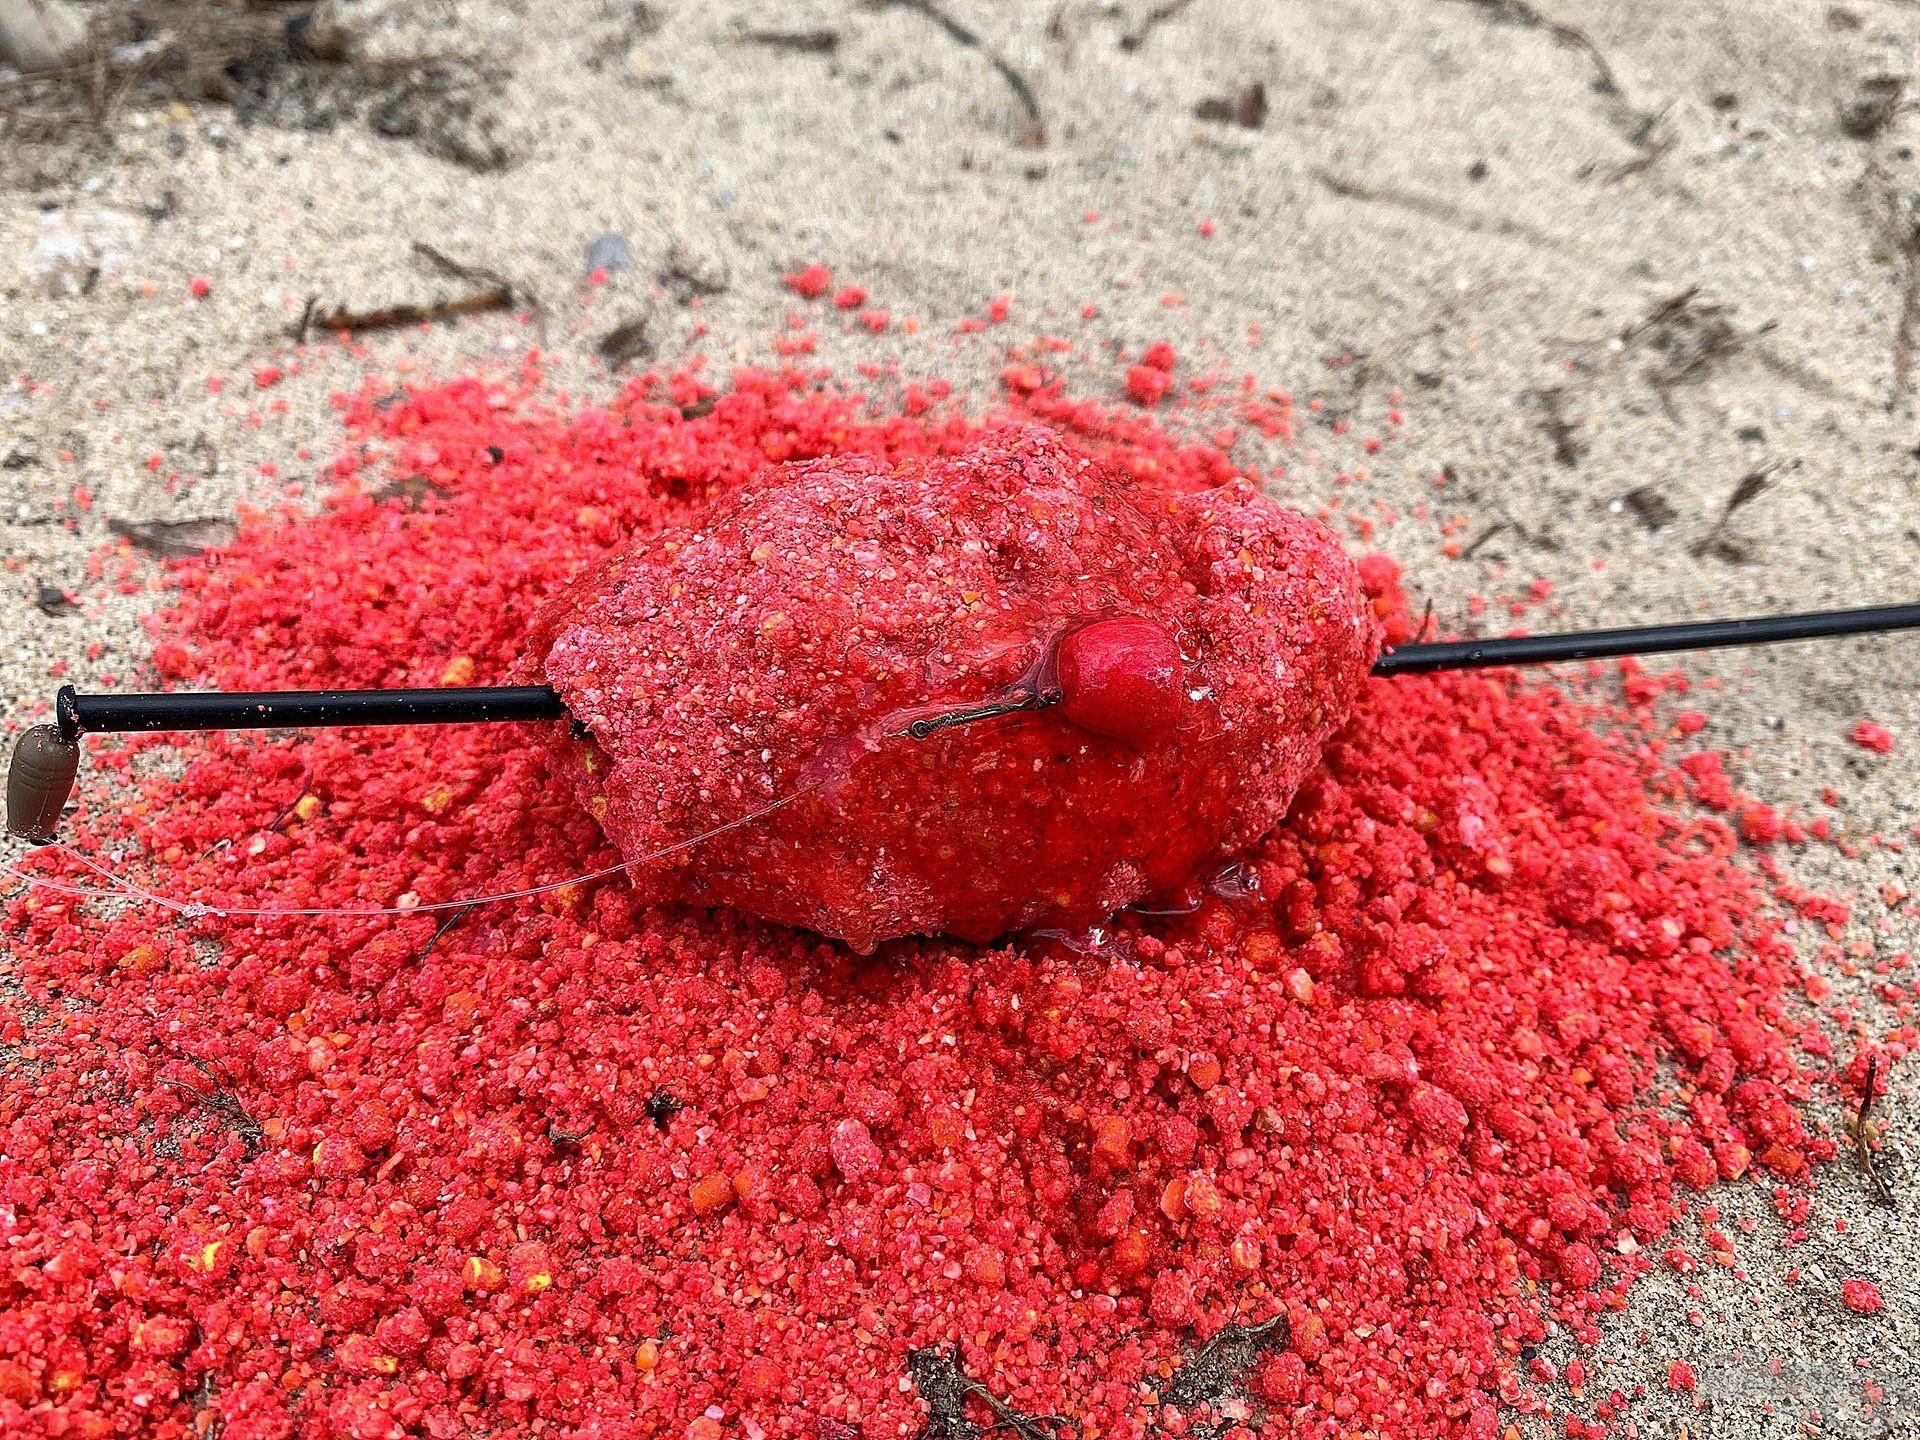 Bordás kosárral, méretes gombóc formájában érdemes ezt a keveréket bedobni